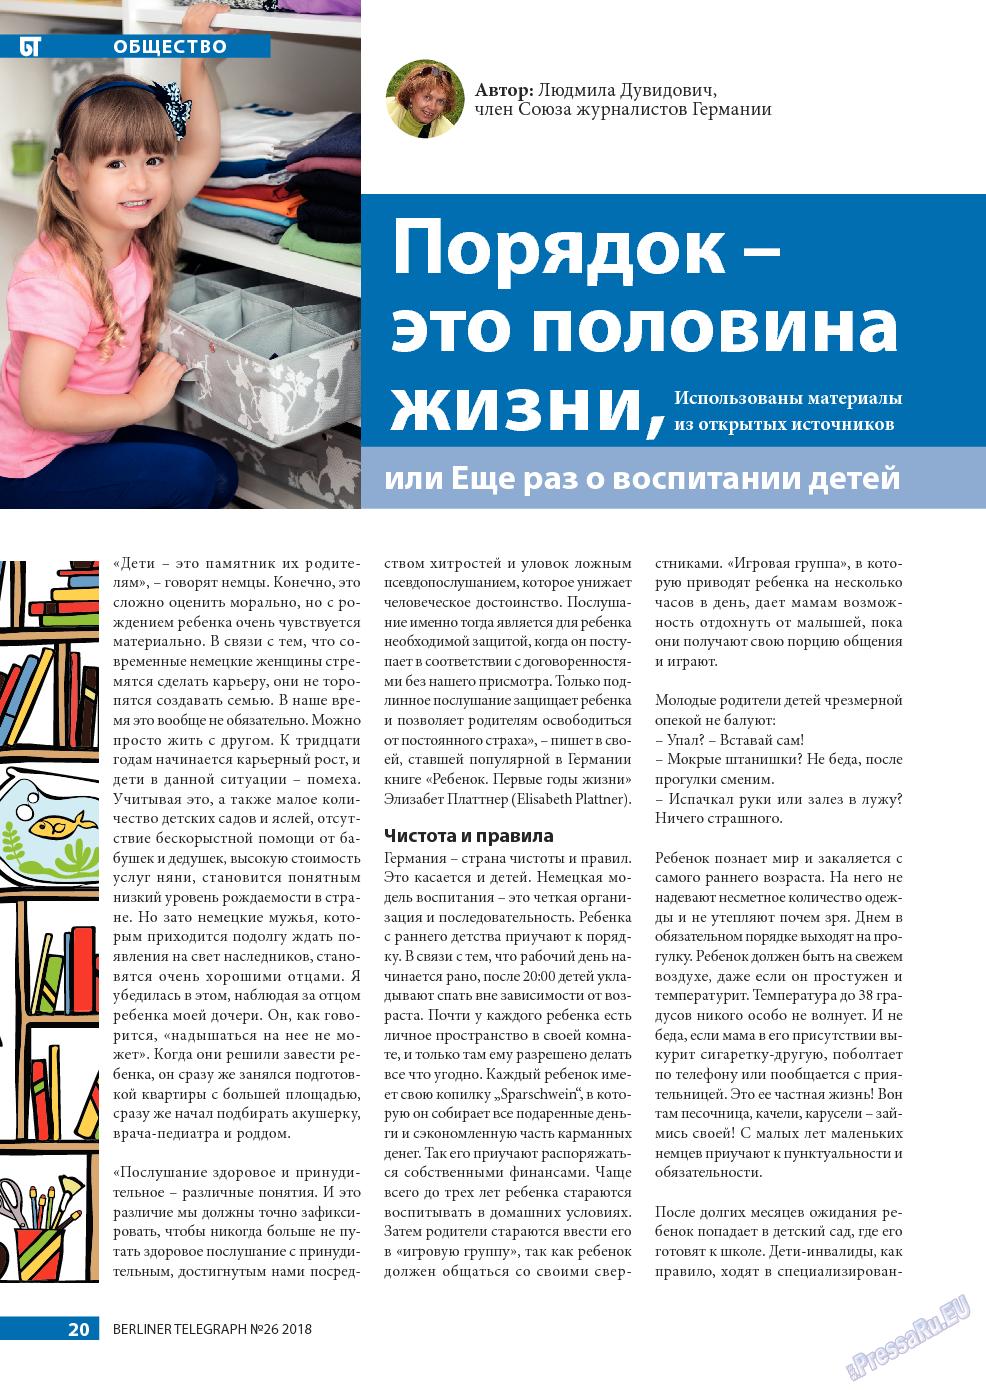 Берлинский телеграф (журнал). 2018 год, номер 26, стр. 20